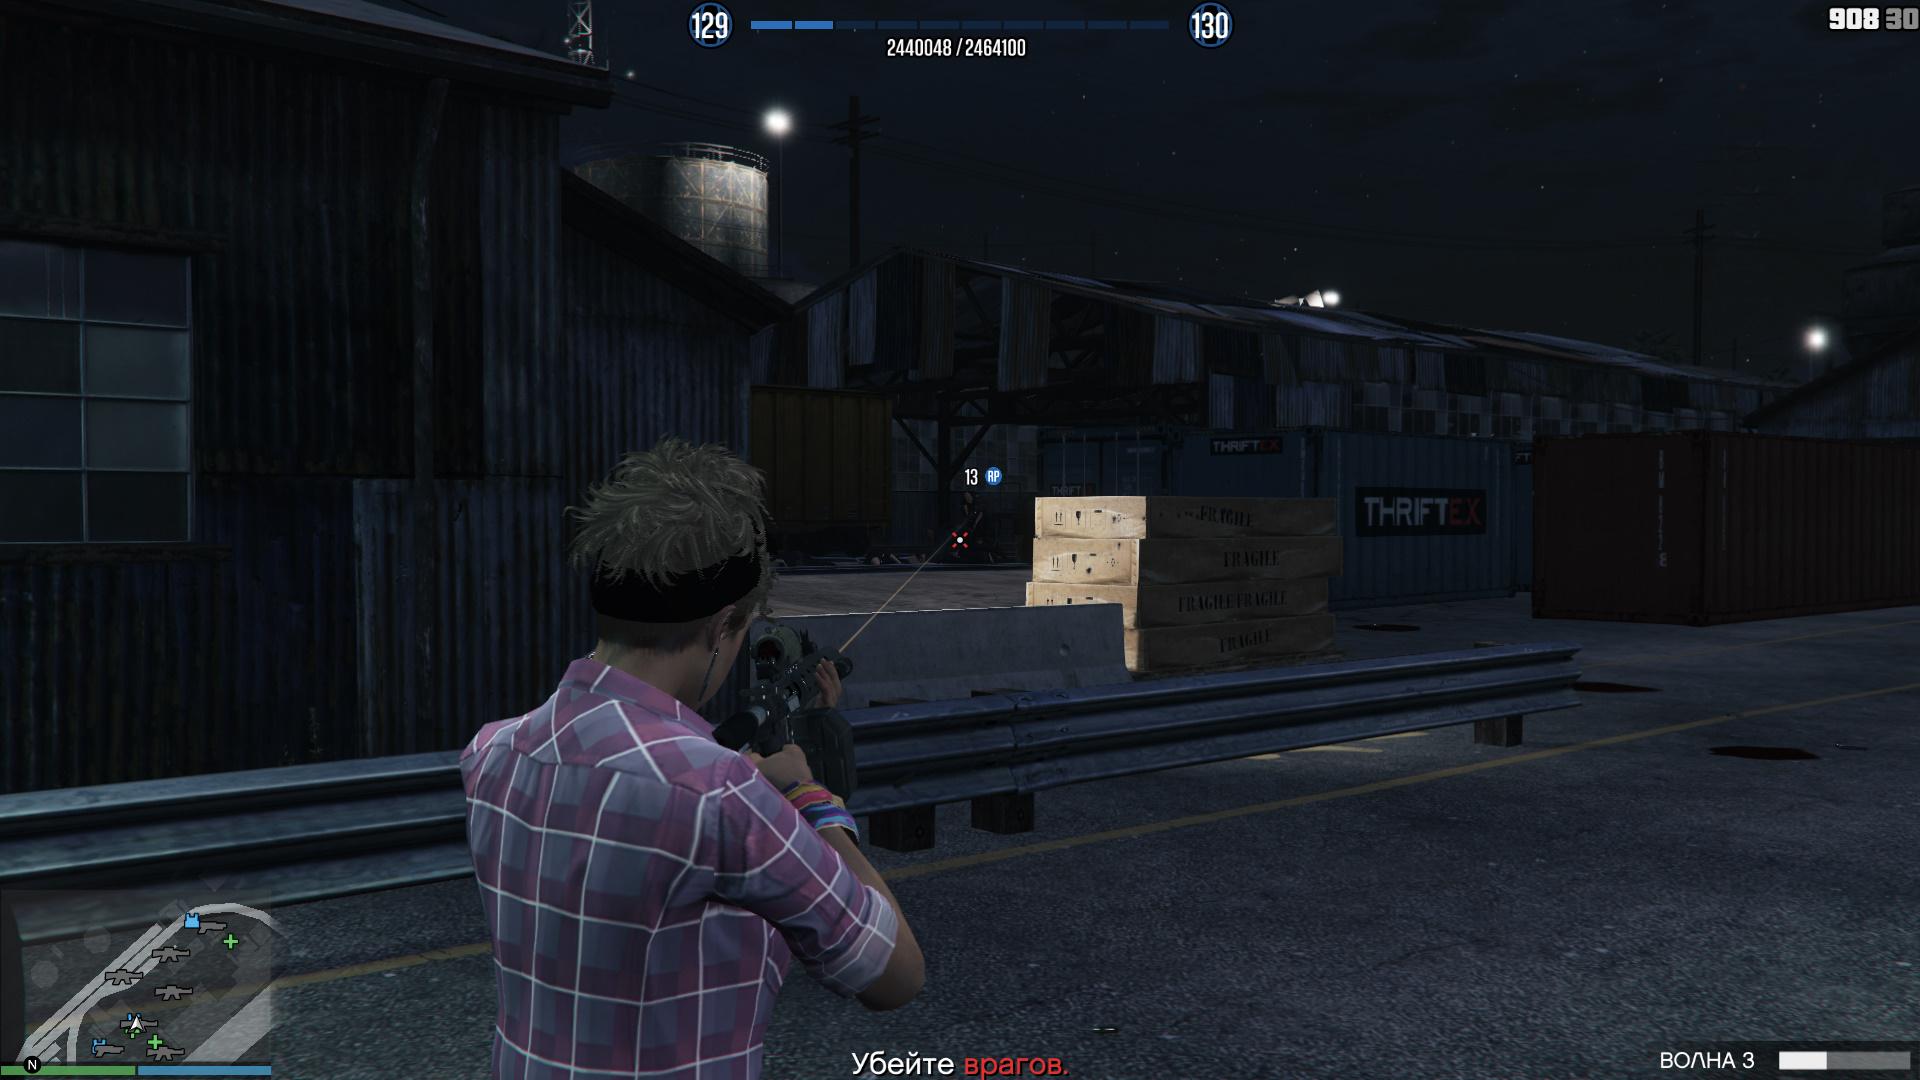 GTA5 2017-05-18 21-24-57-397.jpg - Grand Theft Auto 5 Открытый мир